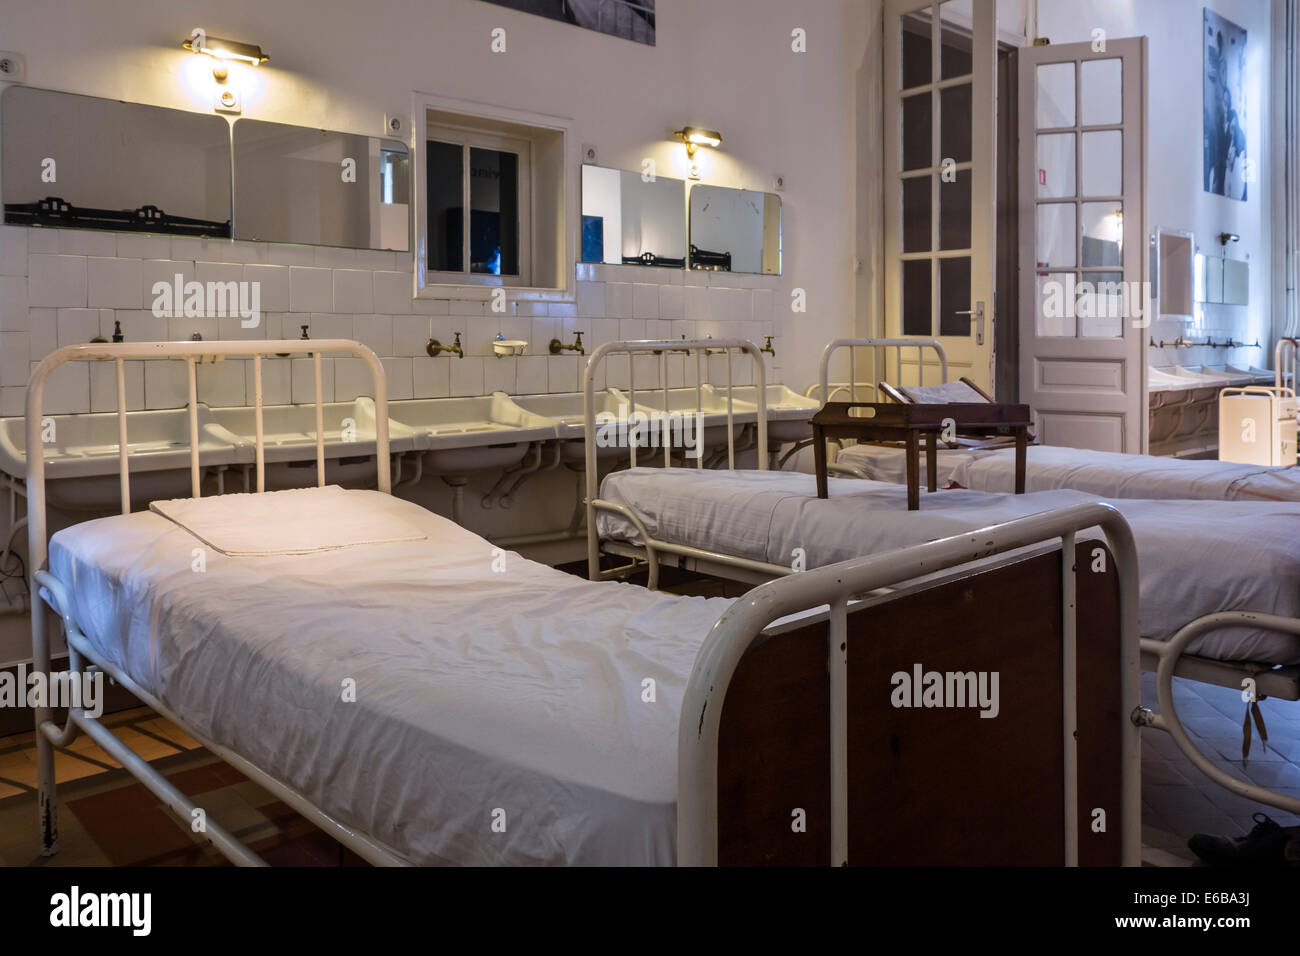 Krankenhausbetten in der Dr. Guislain Museum über die Geschichte der Psychiatrie in Belgien die ersten psychiatrischen Stockbild